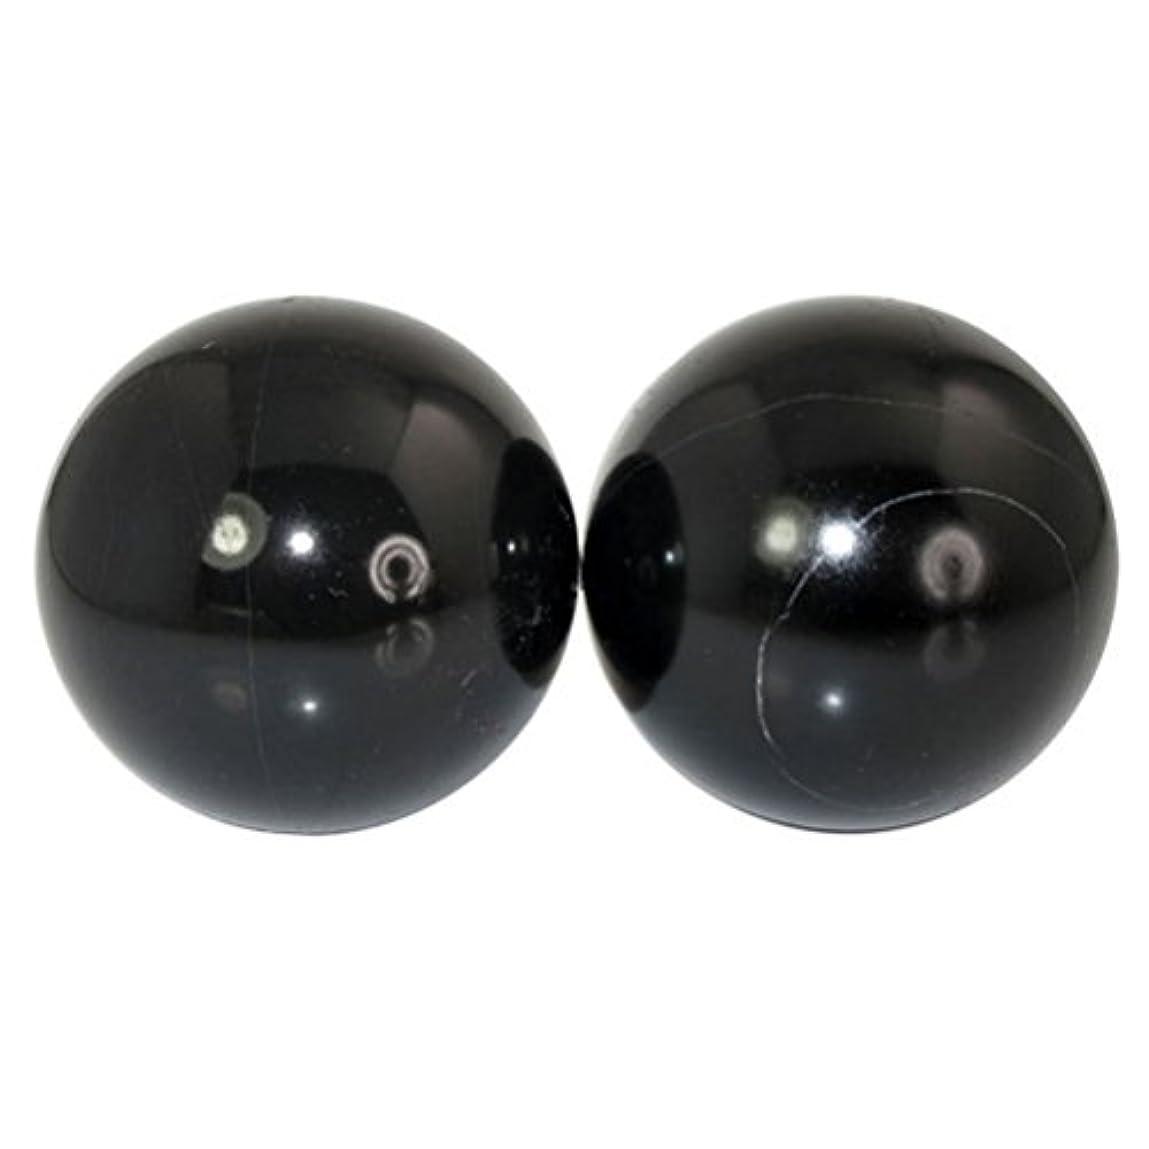 ひも難民ストッキングROSENICE 2個 ハンドエクササイズボール ハンドセラピーストレスレリーフ(黑)